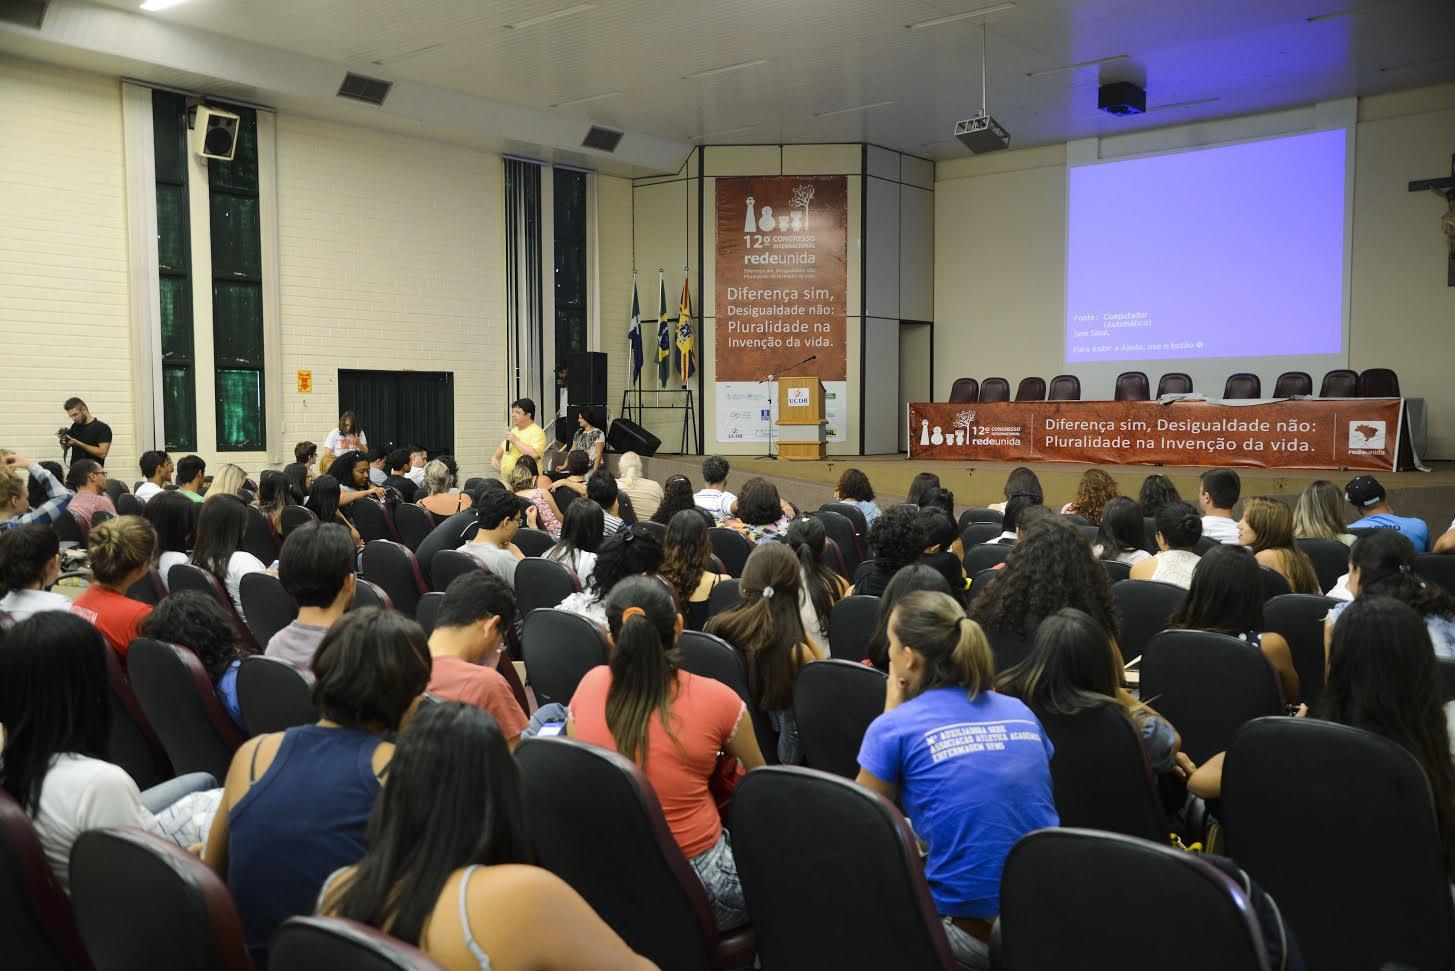 Rede Unida promove primeira oficina de programação do 13º Congresso Internacional